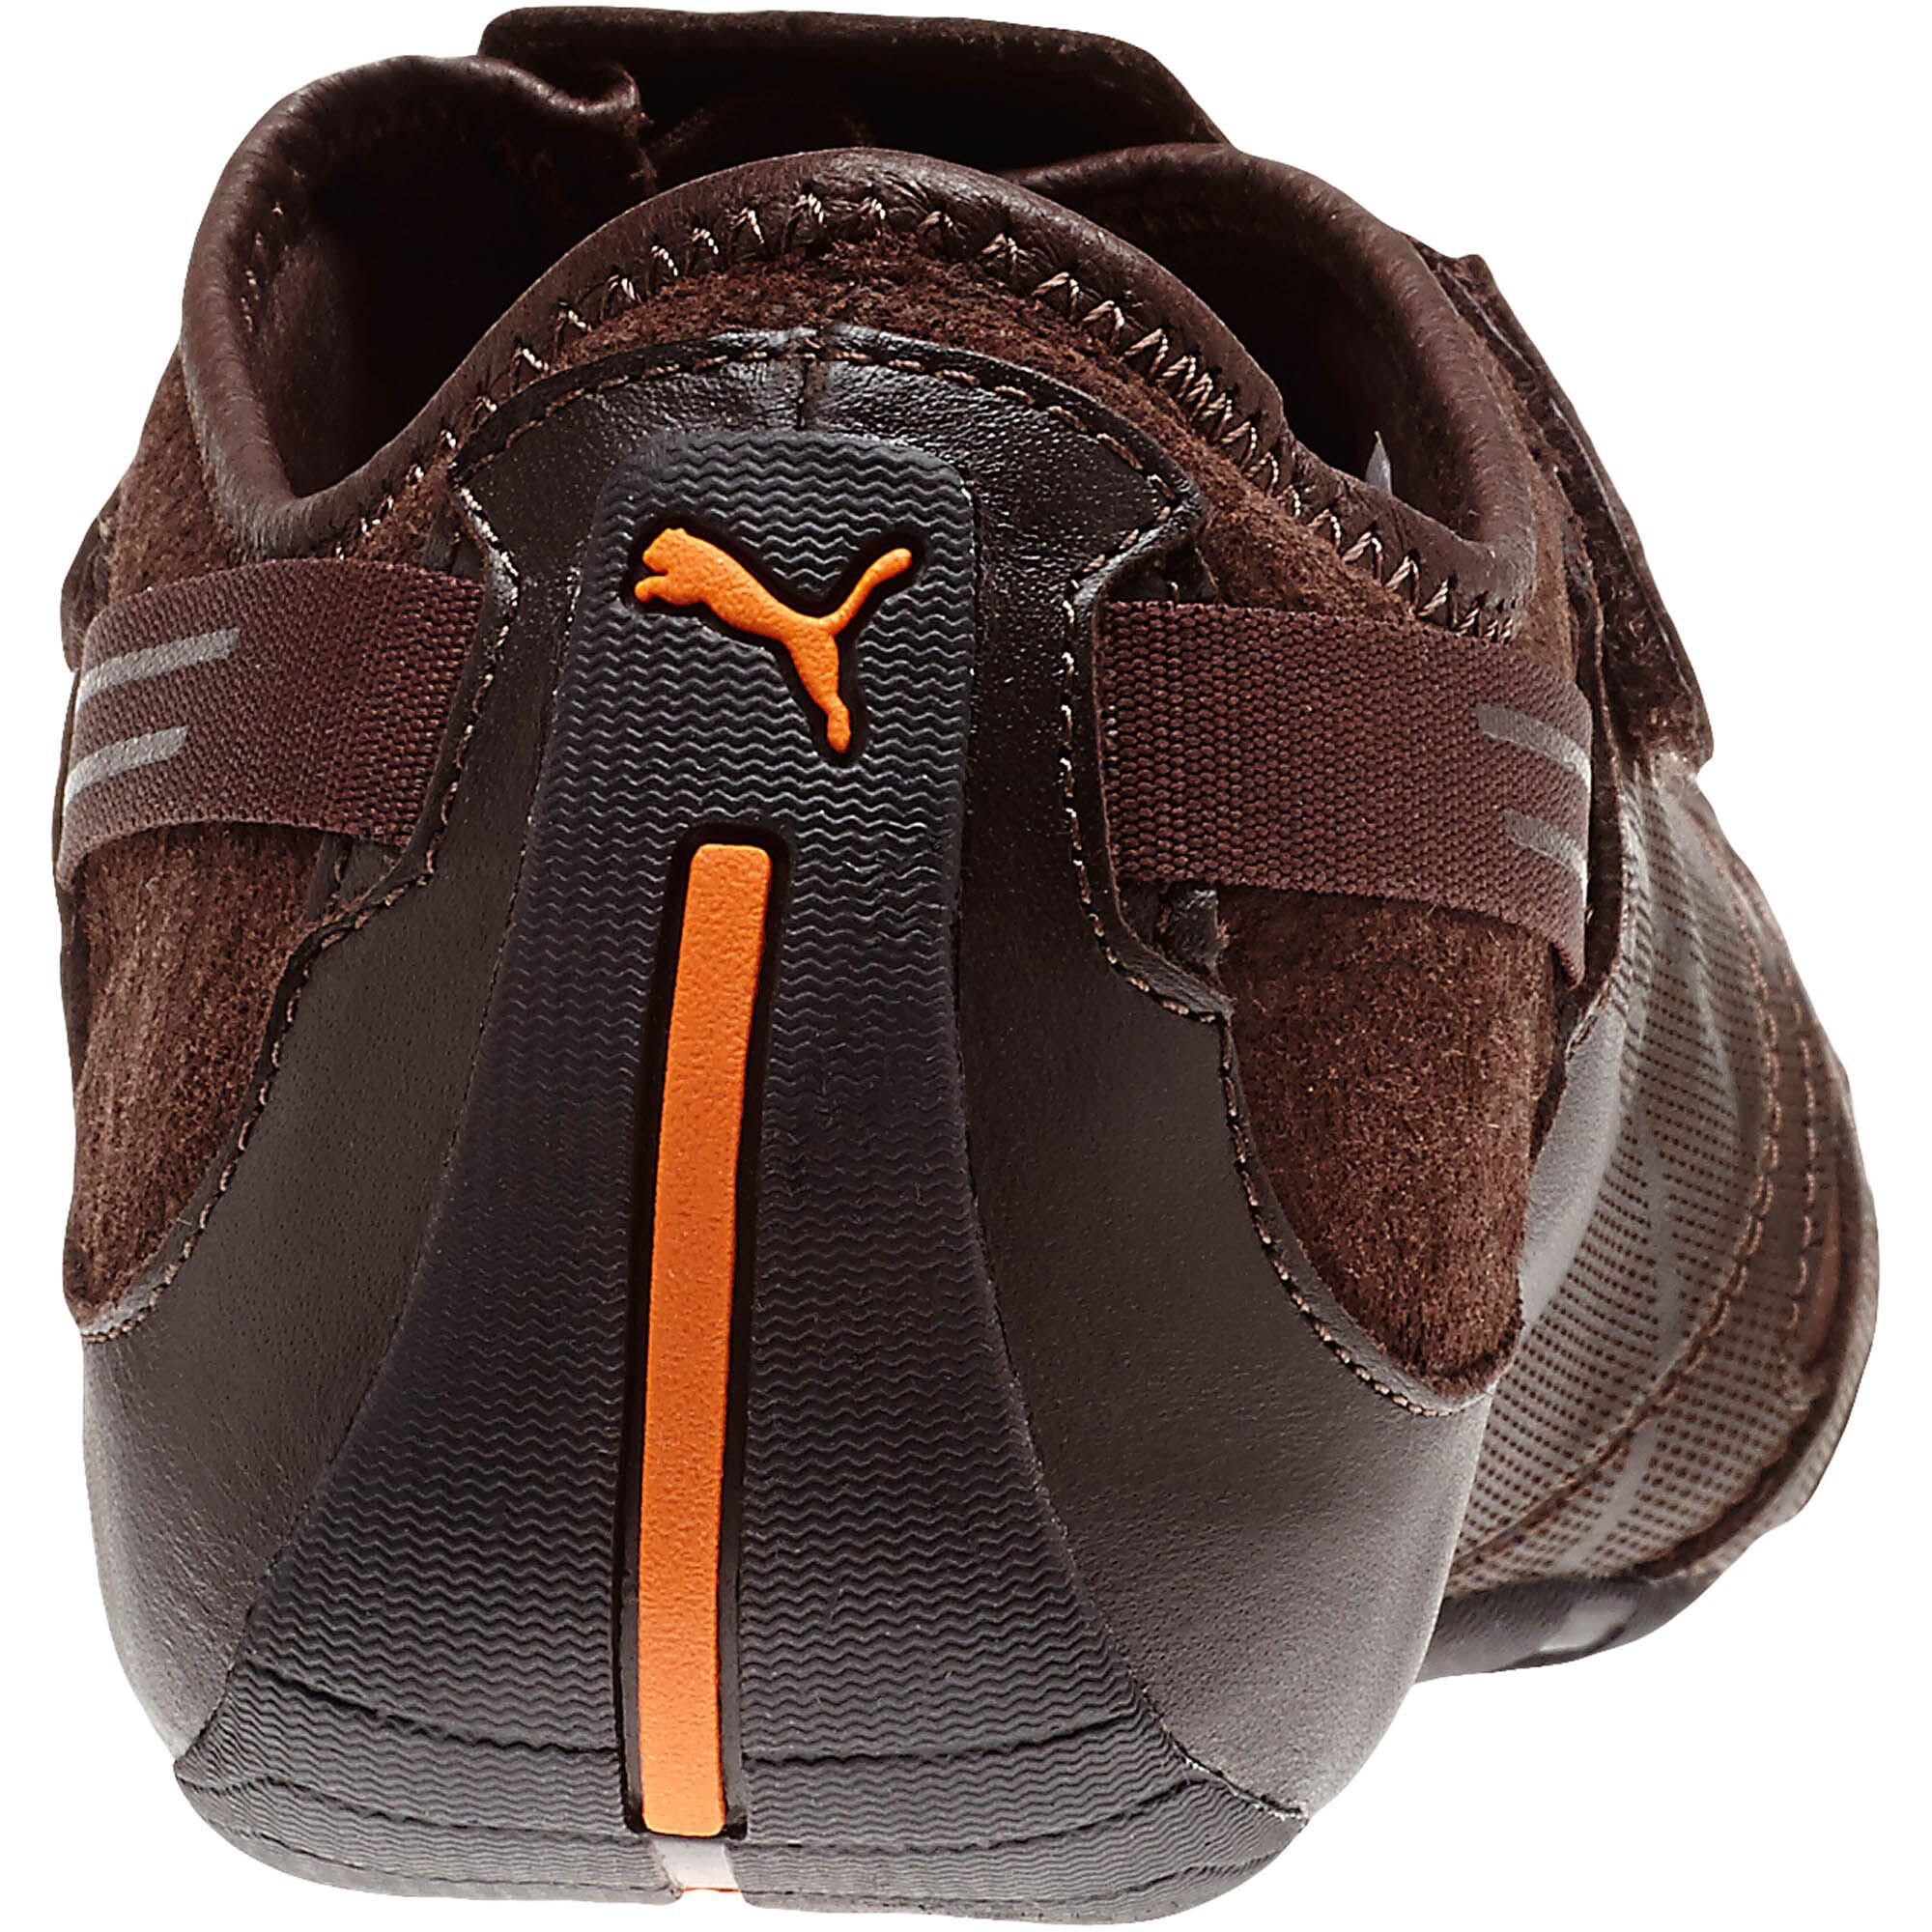 PUMA-Vedano-Men-039-s-Shoes-Men-Shoe-Motorsport thumbnail 3